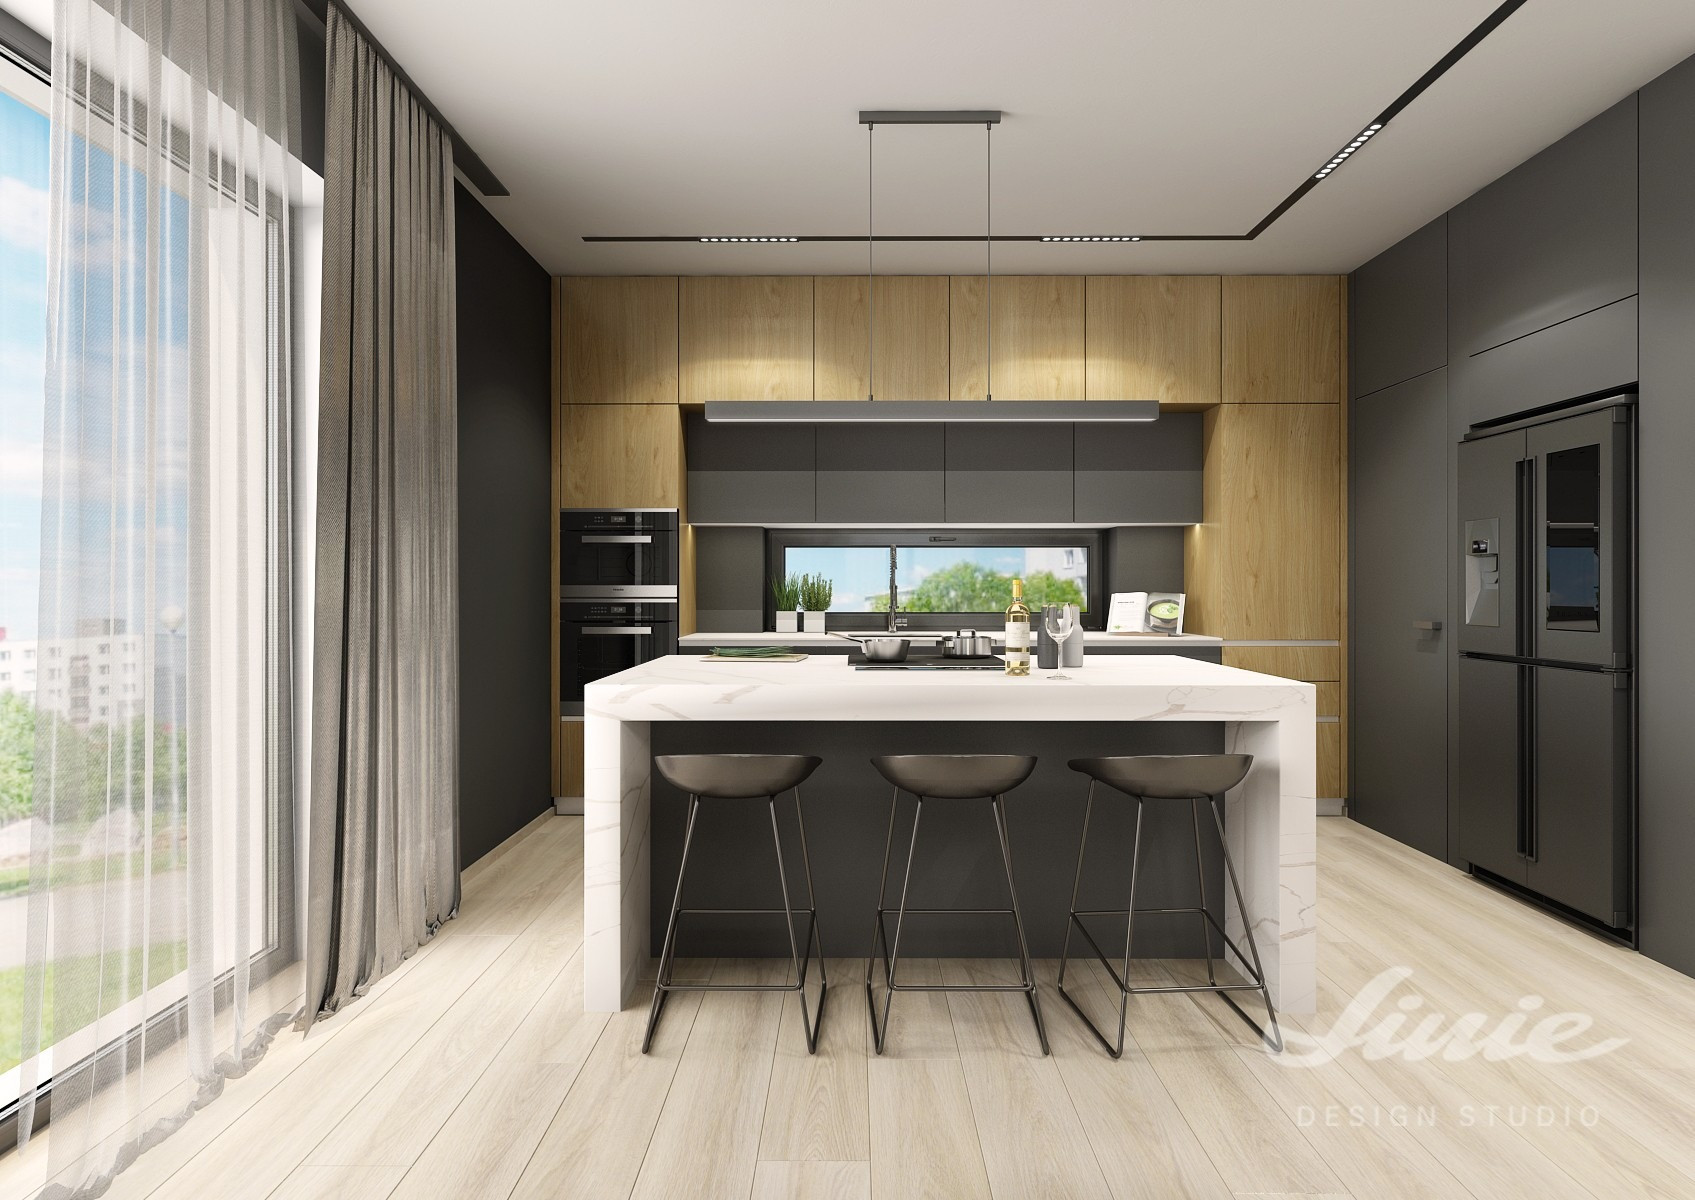 Luxusní kuchyně dřevo černá mramor